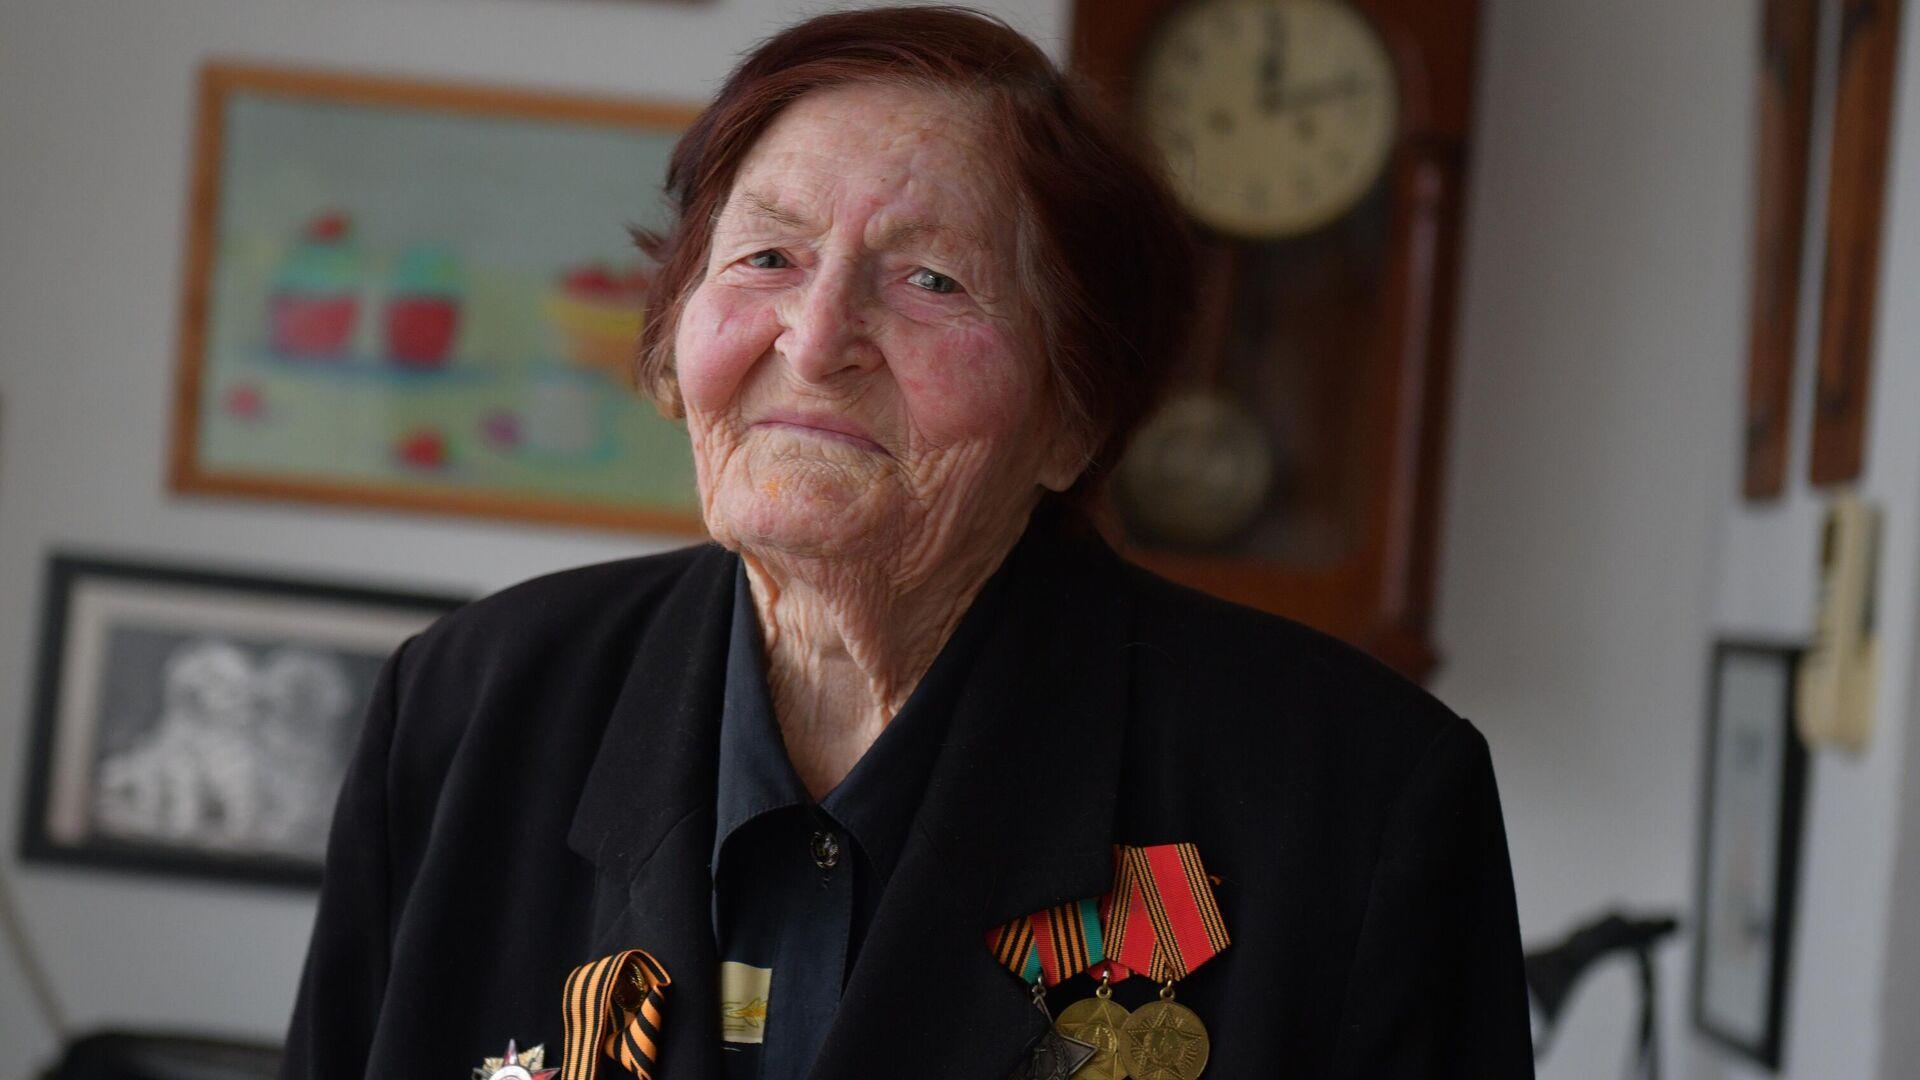 Ветеран Великой Отечественной войны Валентина Шульгина - РИА Новости, 1920, 07.05.2021